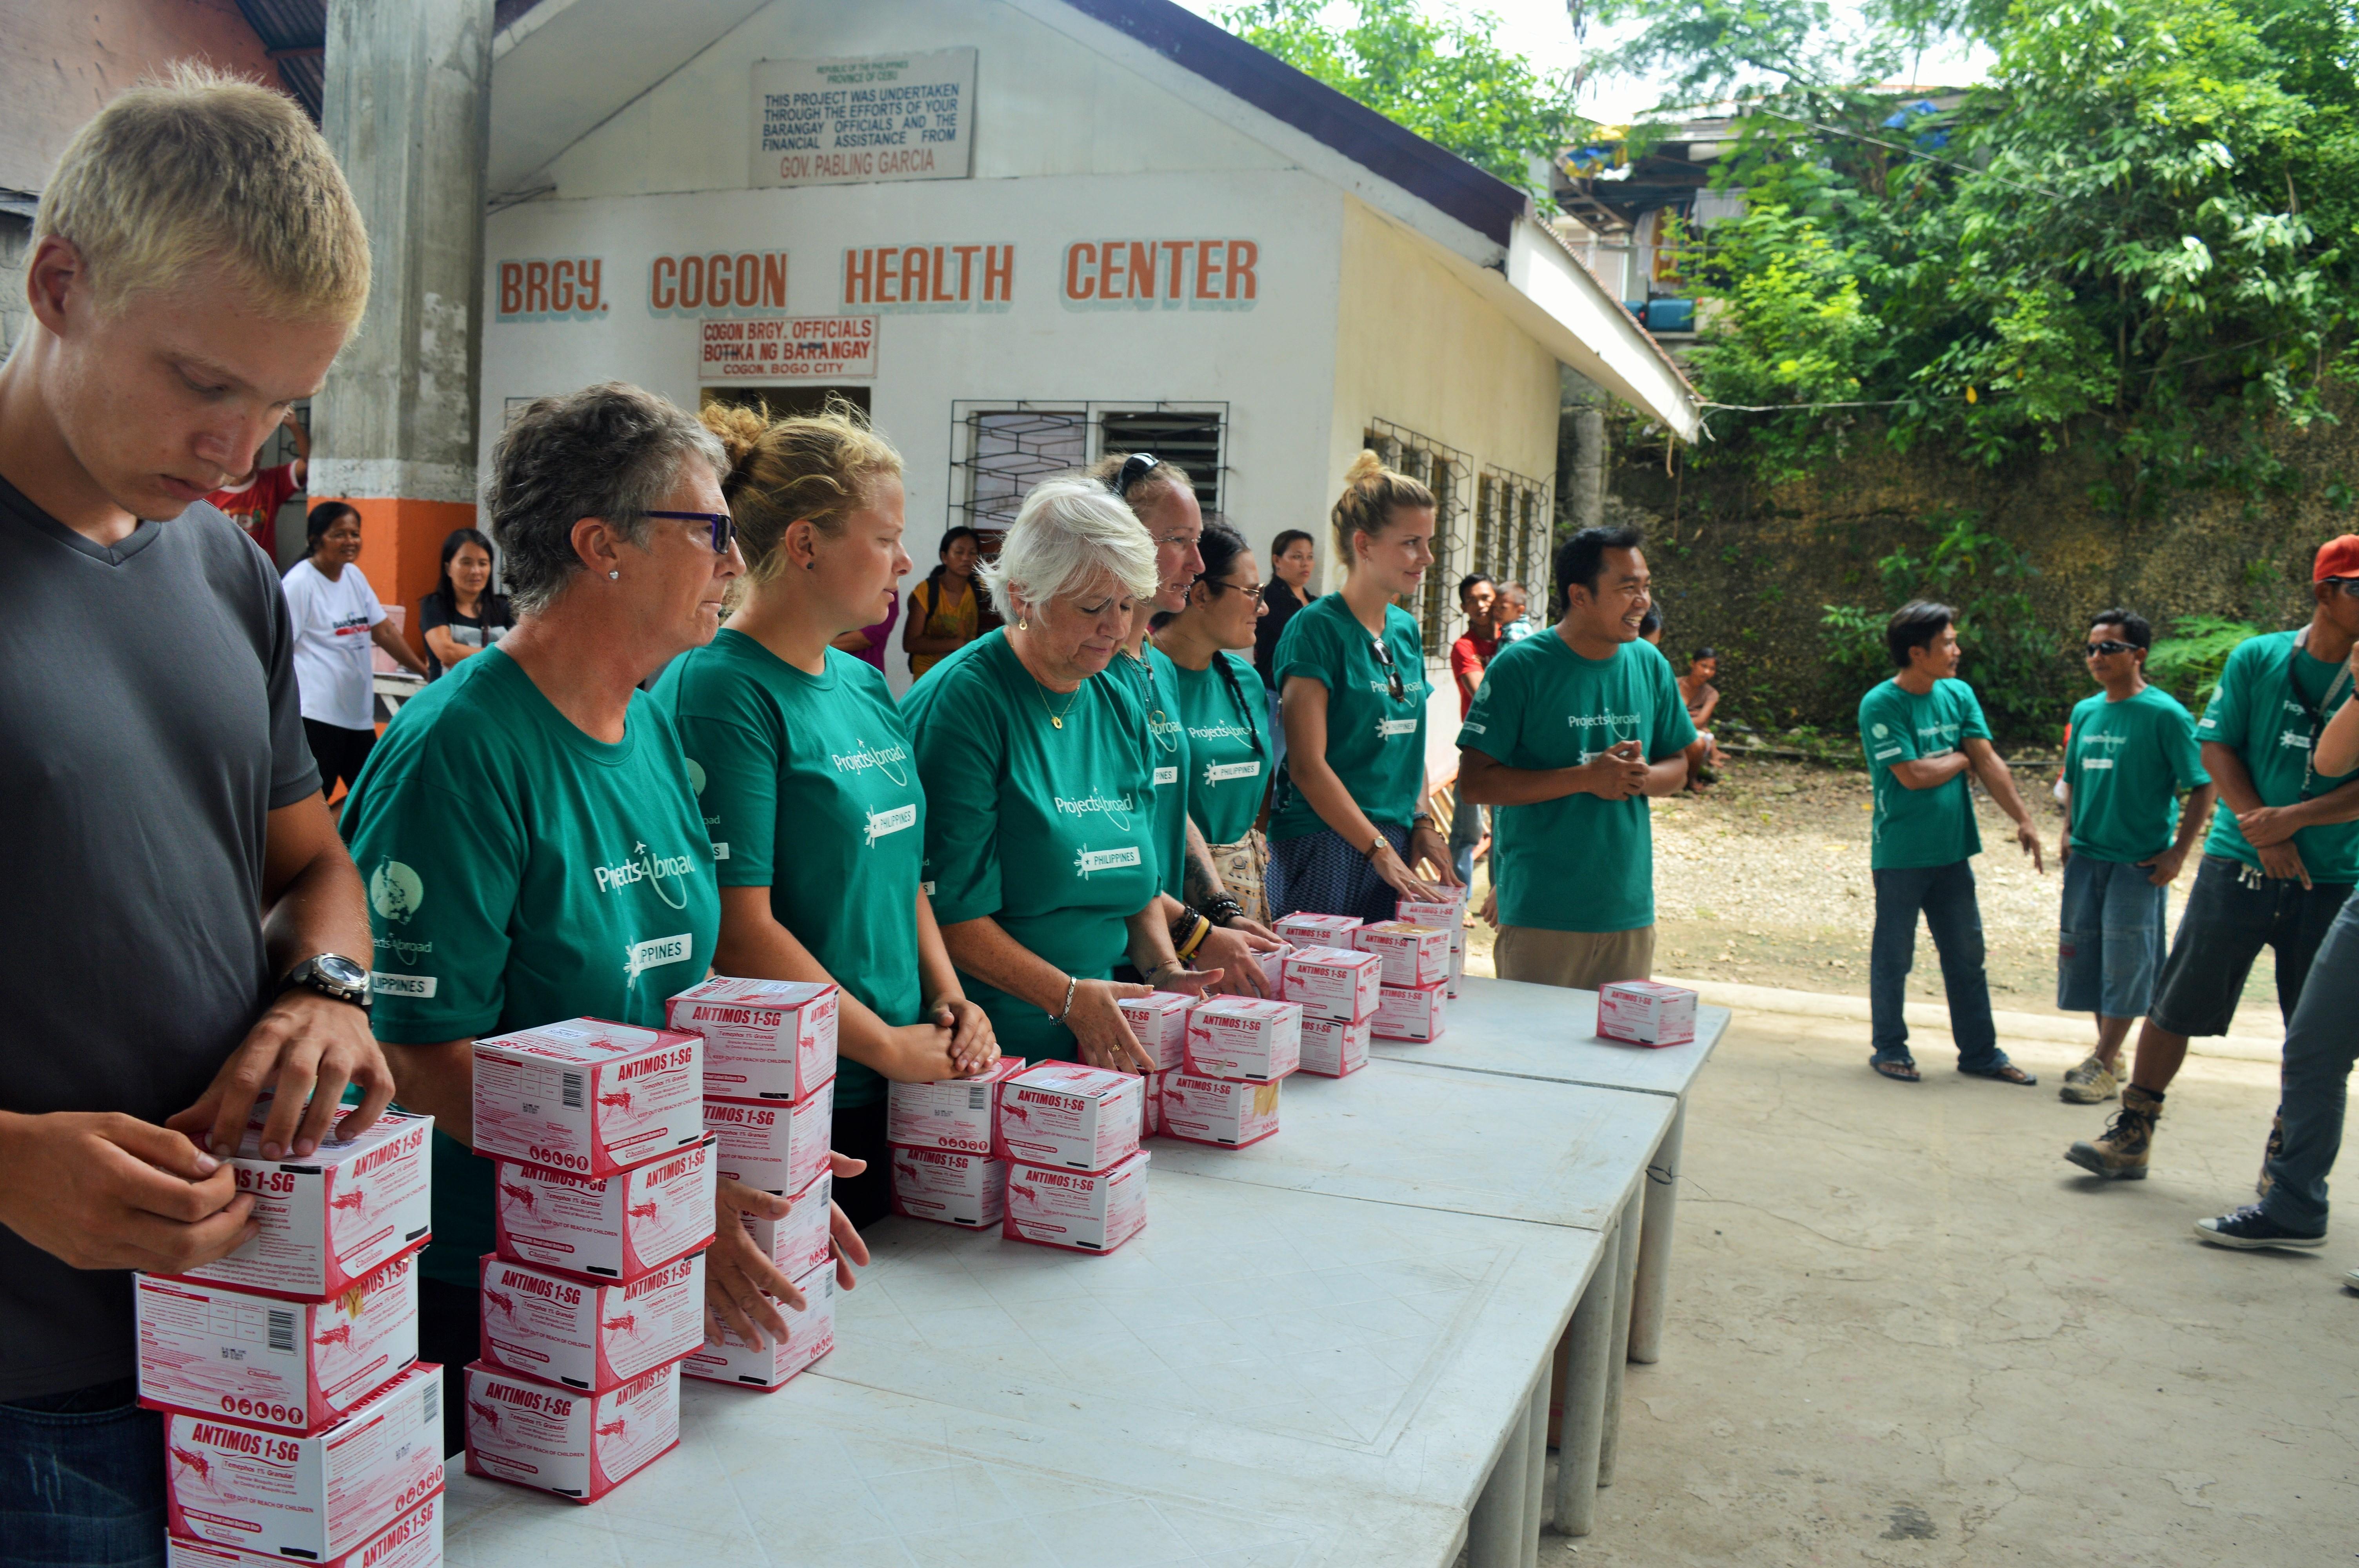 Projects Abroads frivillige uddeler kasser med larvicider til de locale under en kampagne for at forebygge spredning af Dengue-feber I Filippinerne.